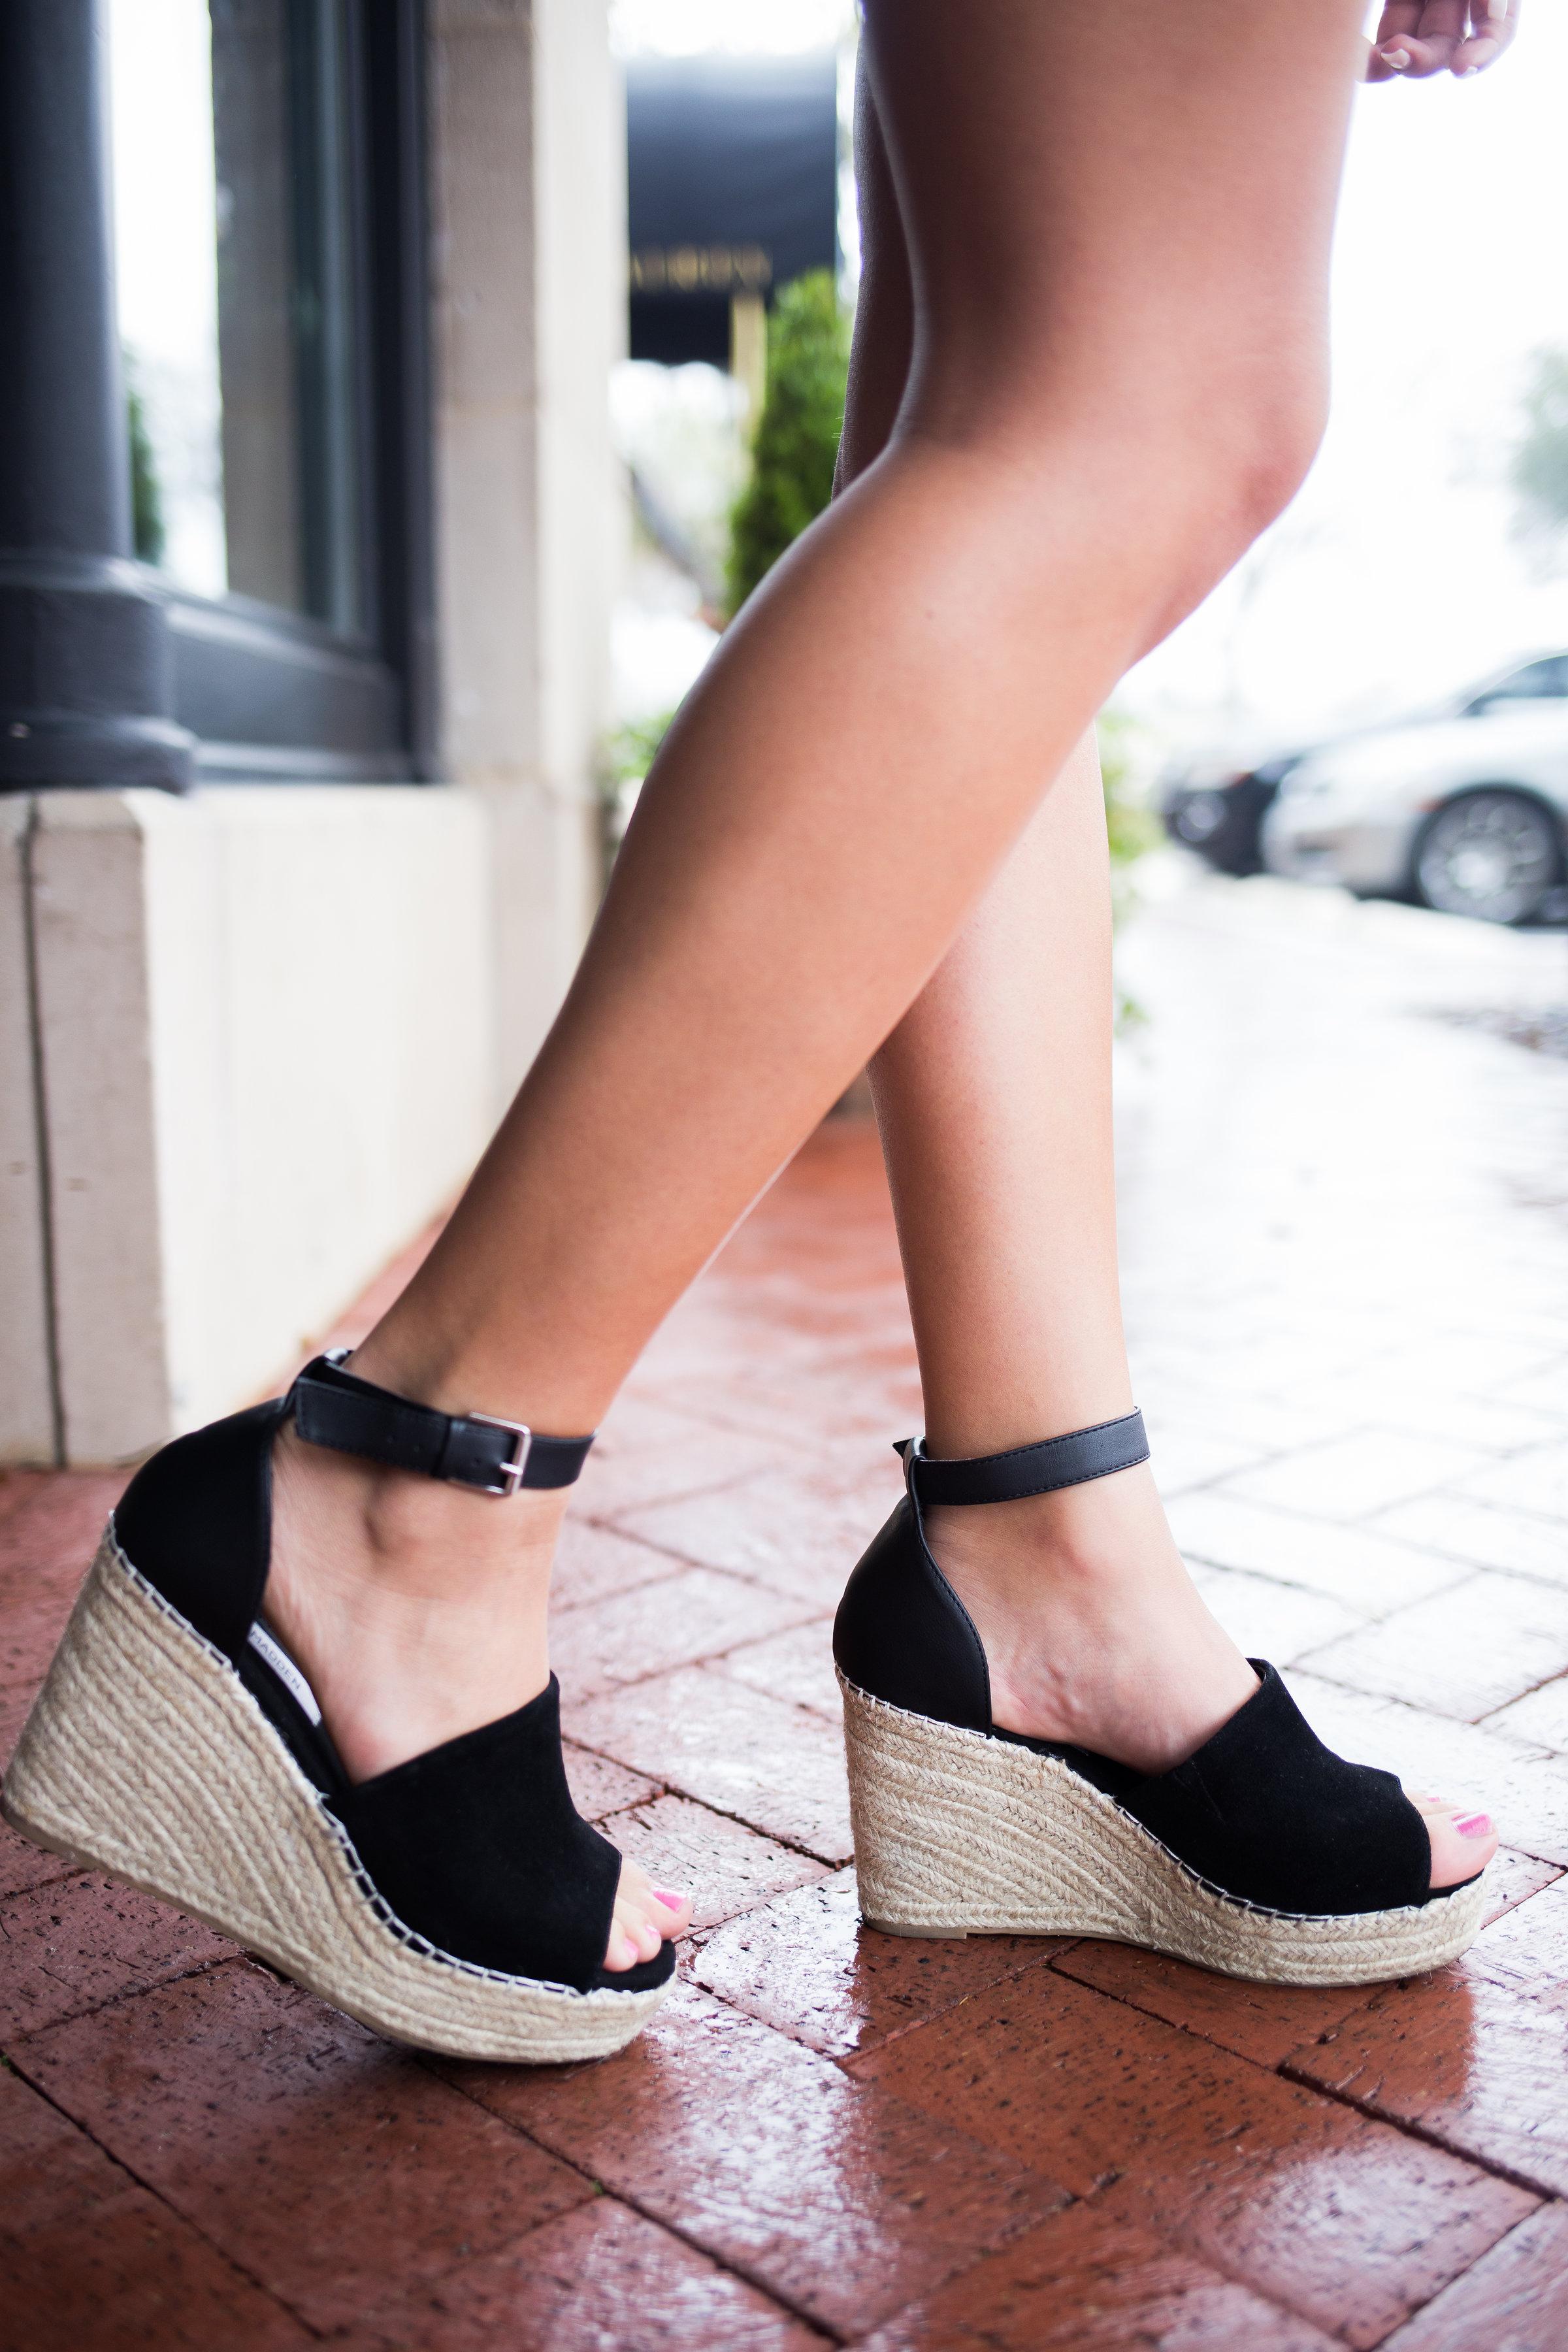 28843592b918 Jaylen wedge sandal steve madden womens shoes best marc fisher dupe product  peel jpg 2400x3600 Steve